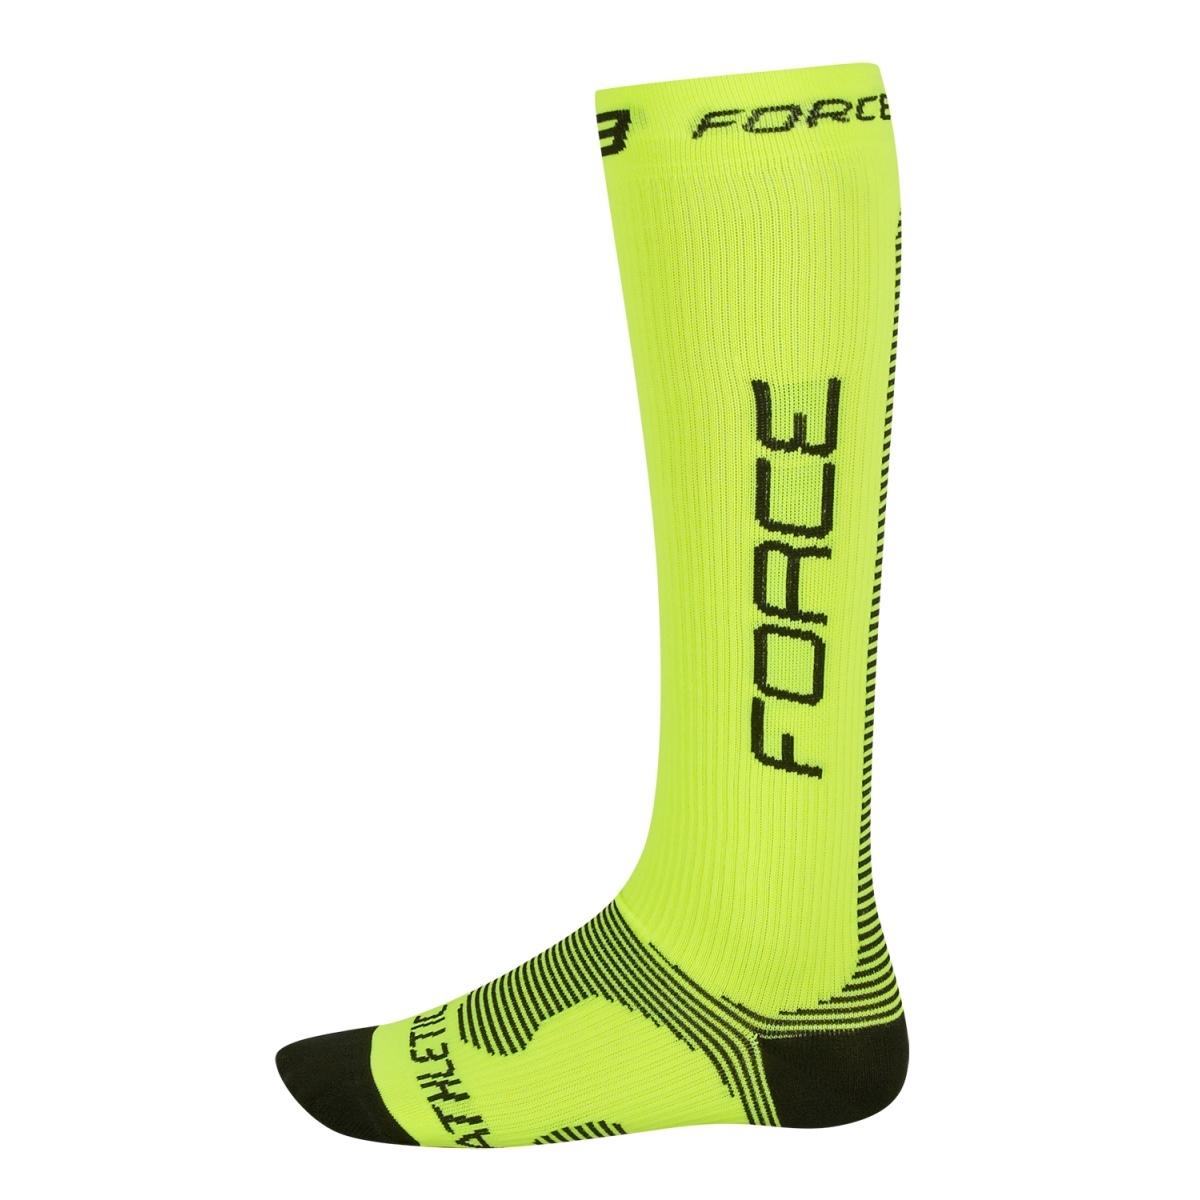 Ponožky FORCE ATHLETIC PRO KOMPRES, fluo-černé